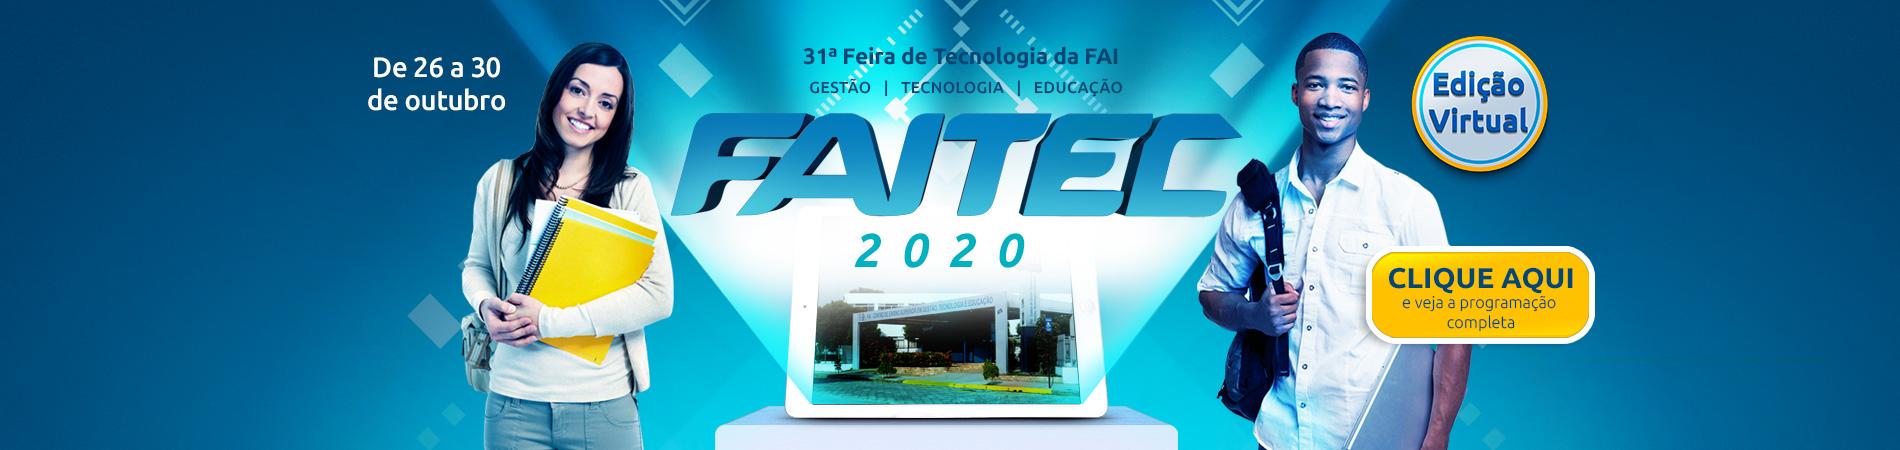 FAI_Faitec_2020_Banner_pagina_Portal_novo_1920x450px